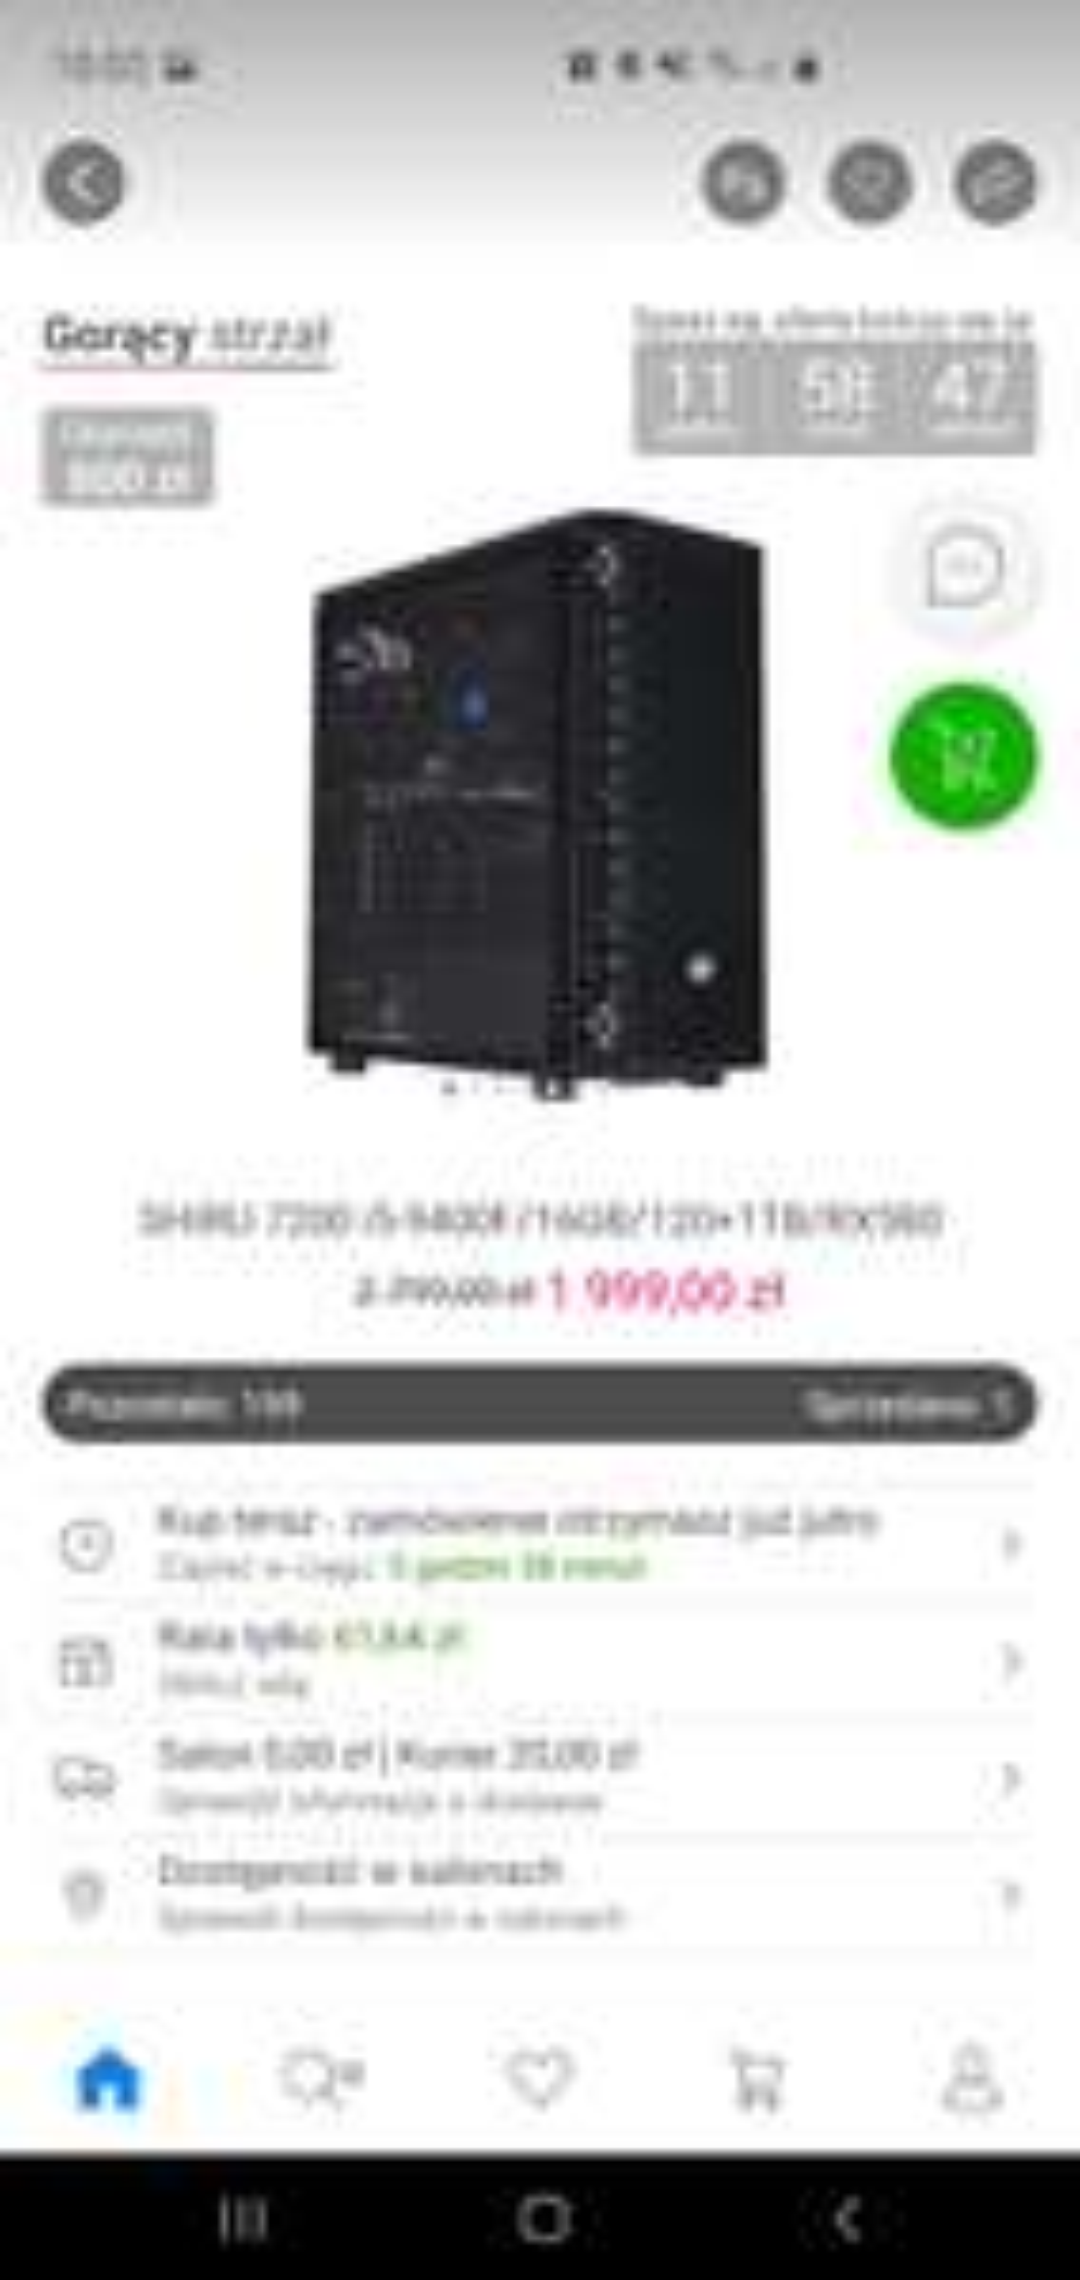 SHIRU 7200 i5-9400F/16GB/120+1TB/RX580